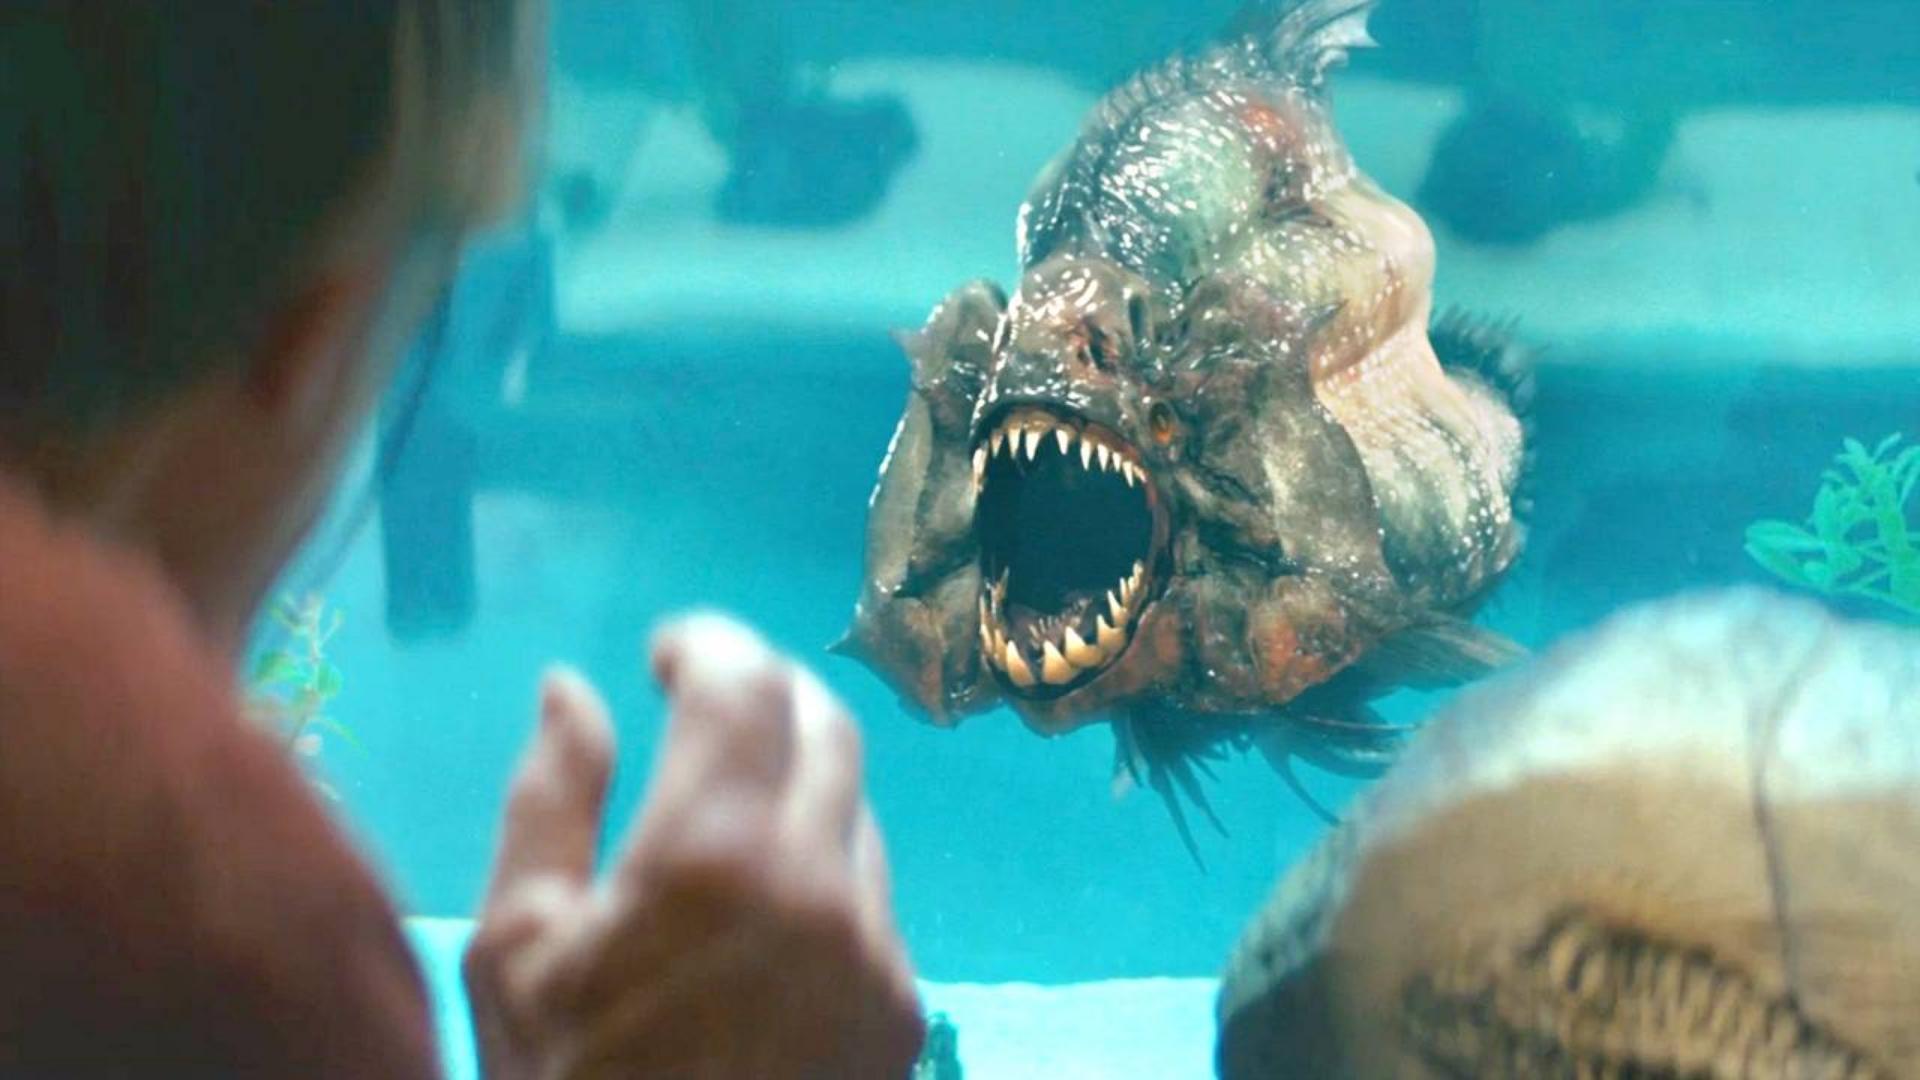 湖底震出大裂缝,释放出200万年前远古食人鱼,游客们遭殃了!速看科幻恐怖电影《食人鱼3D》